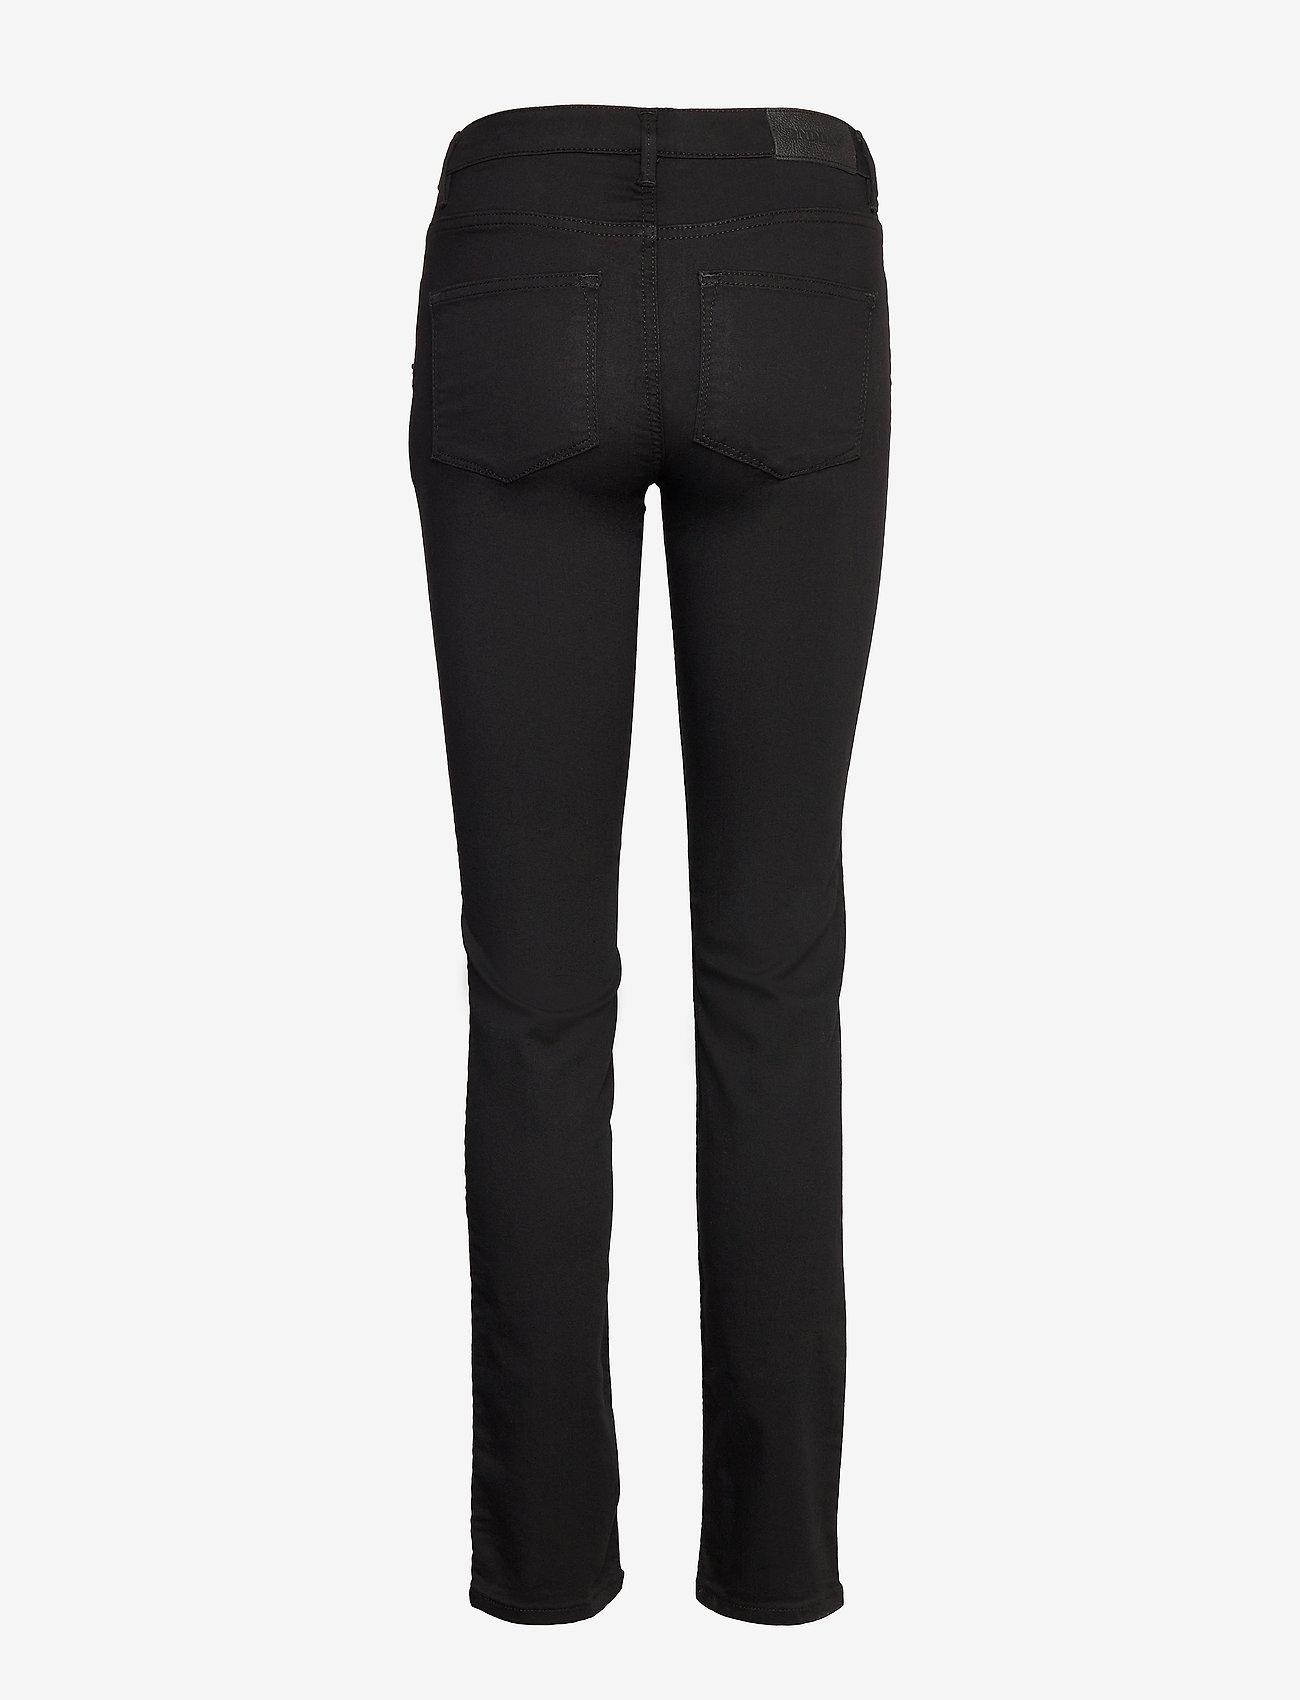 2NDDAY 2ND Sally Perfect Zipped - Dżinsy BLACK DENIM - Kobiety Odzież.